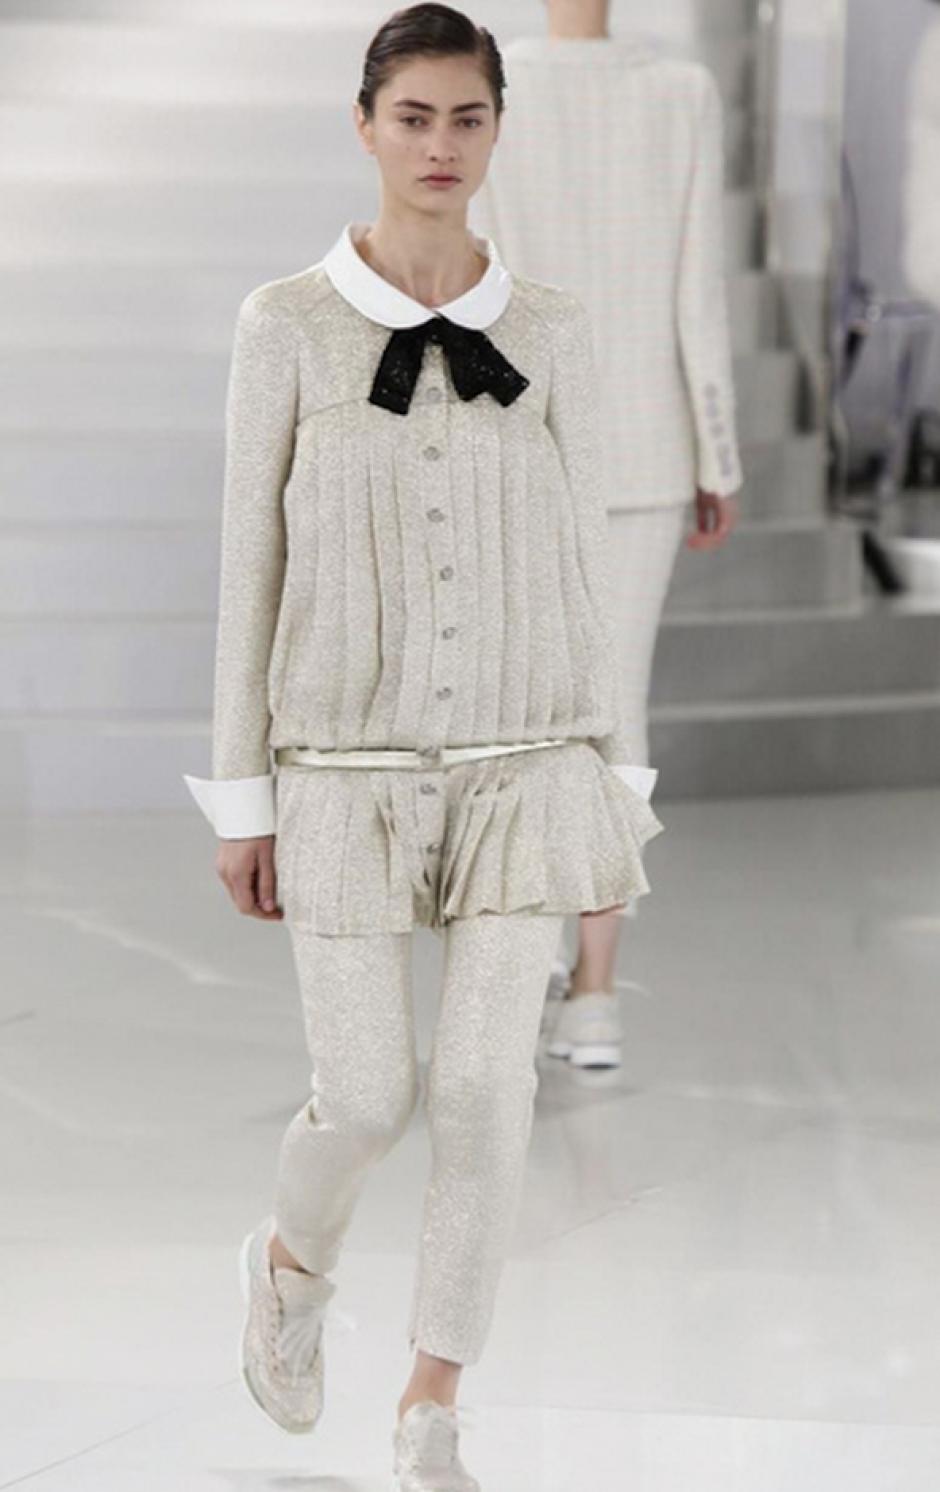 El toque de los años dorados de Coco Chanel también se refleja en esta colección de Karl Lagerfeld. (Foto: NowFashion)